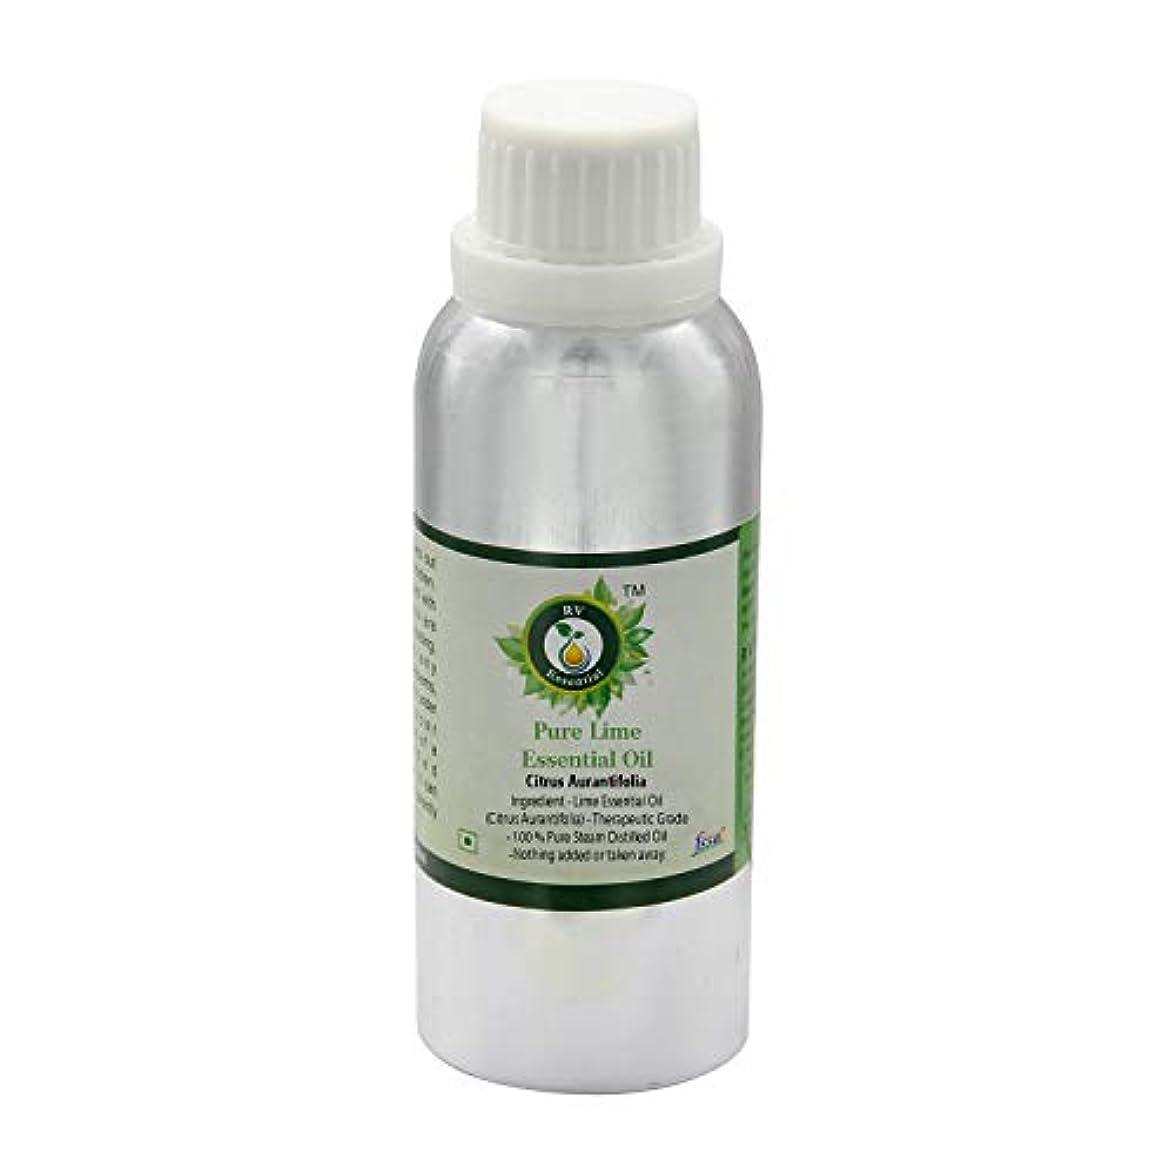 ピュアライムエッセンシャルオイル630ml (21oz)- Citrus Aurantifolia (100%純粋&天然スチームDistilled) Pure Lime Essential Oil